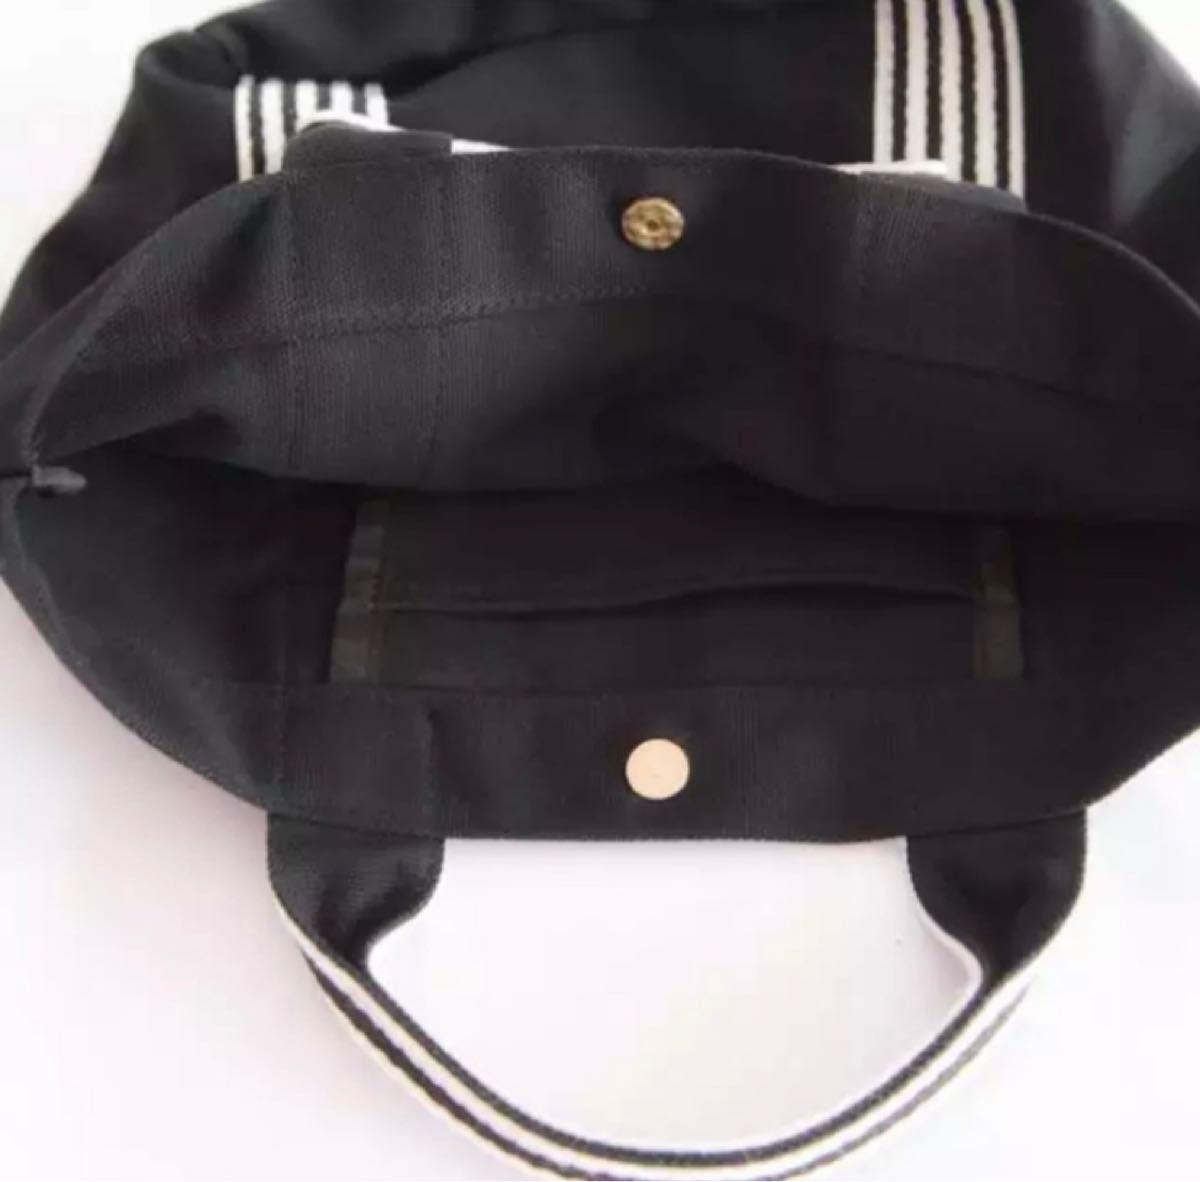 トートバッグ リボン キャンバス ミニトート ボーダー ランチバッグ ブラック マザーズバッグ 黒 エコバッグ ミニバッグ カバン